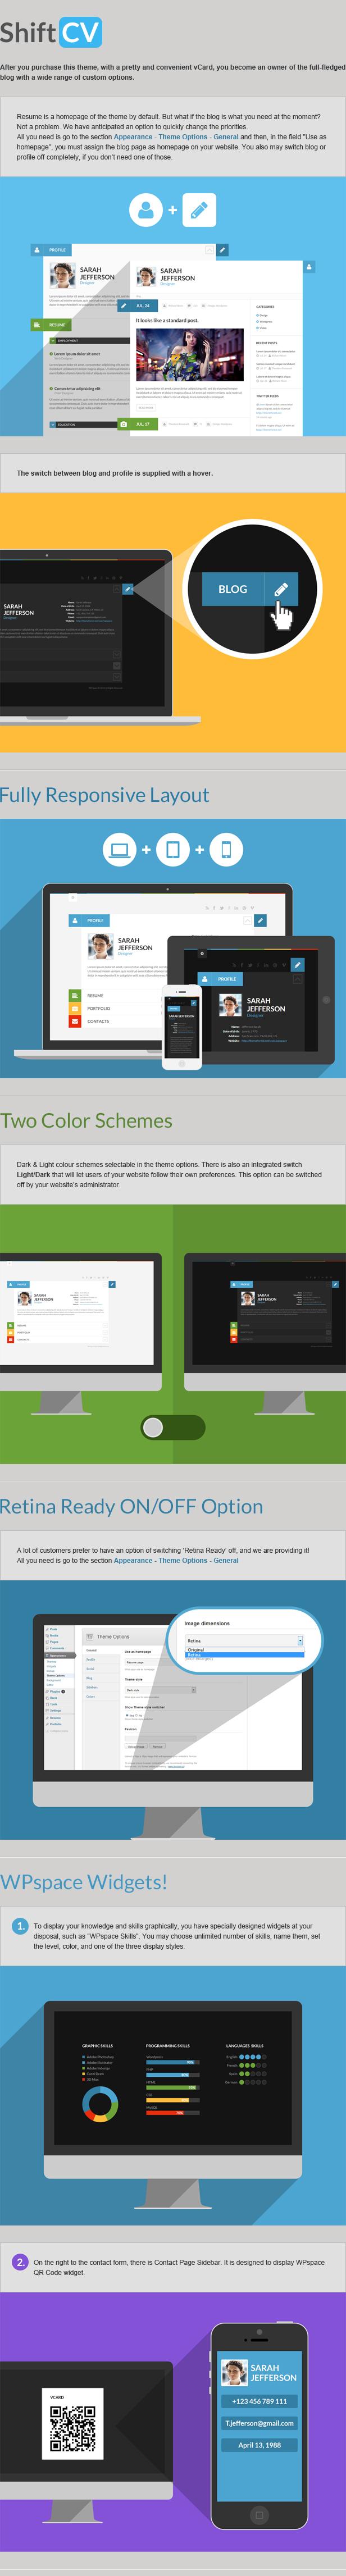 shiftcv2 - ShiftCV - Blog \ Resume \ Portfolio \ WordPress